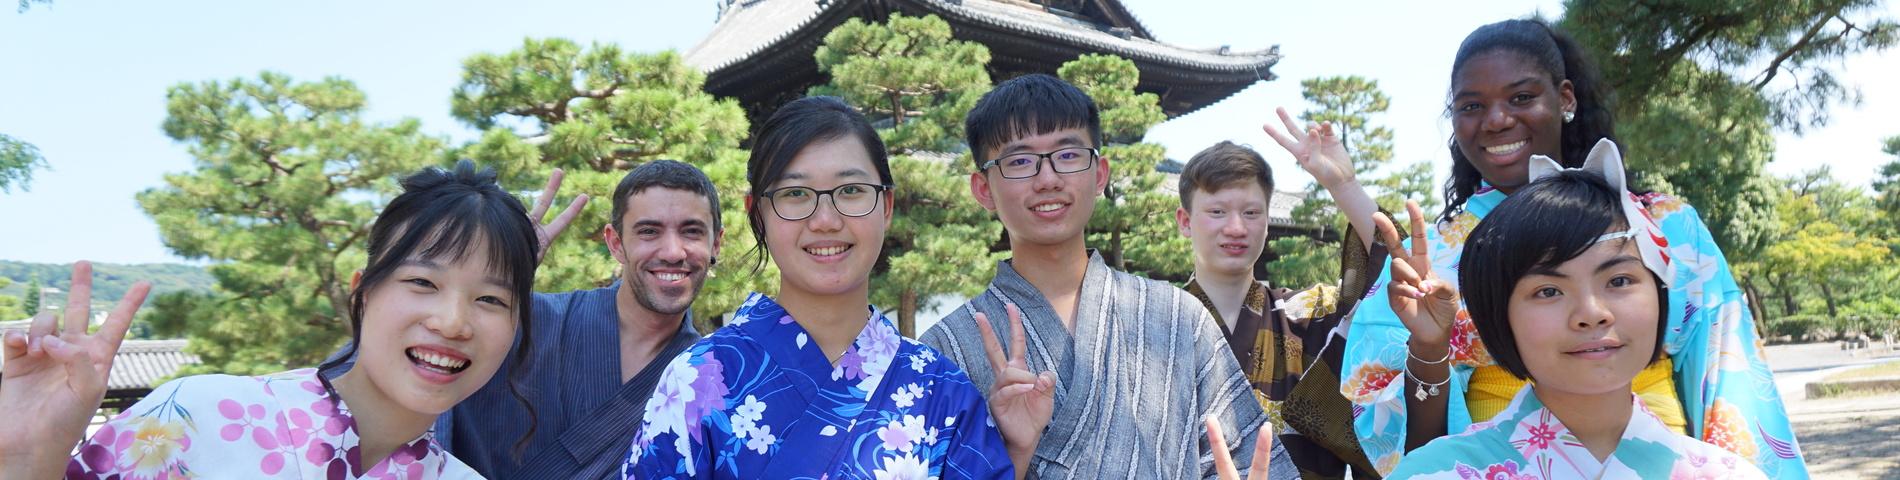 Kyoto JaLS kuva 1